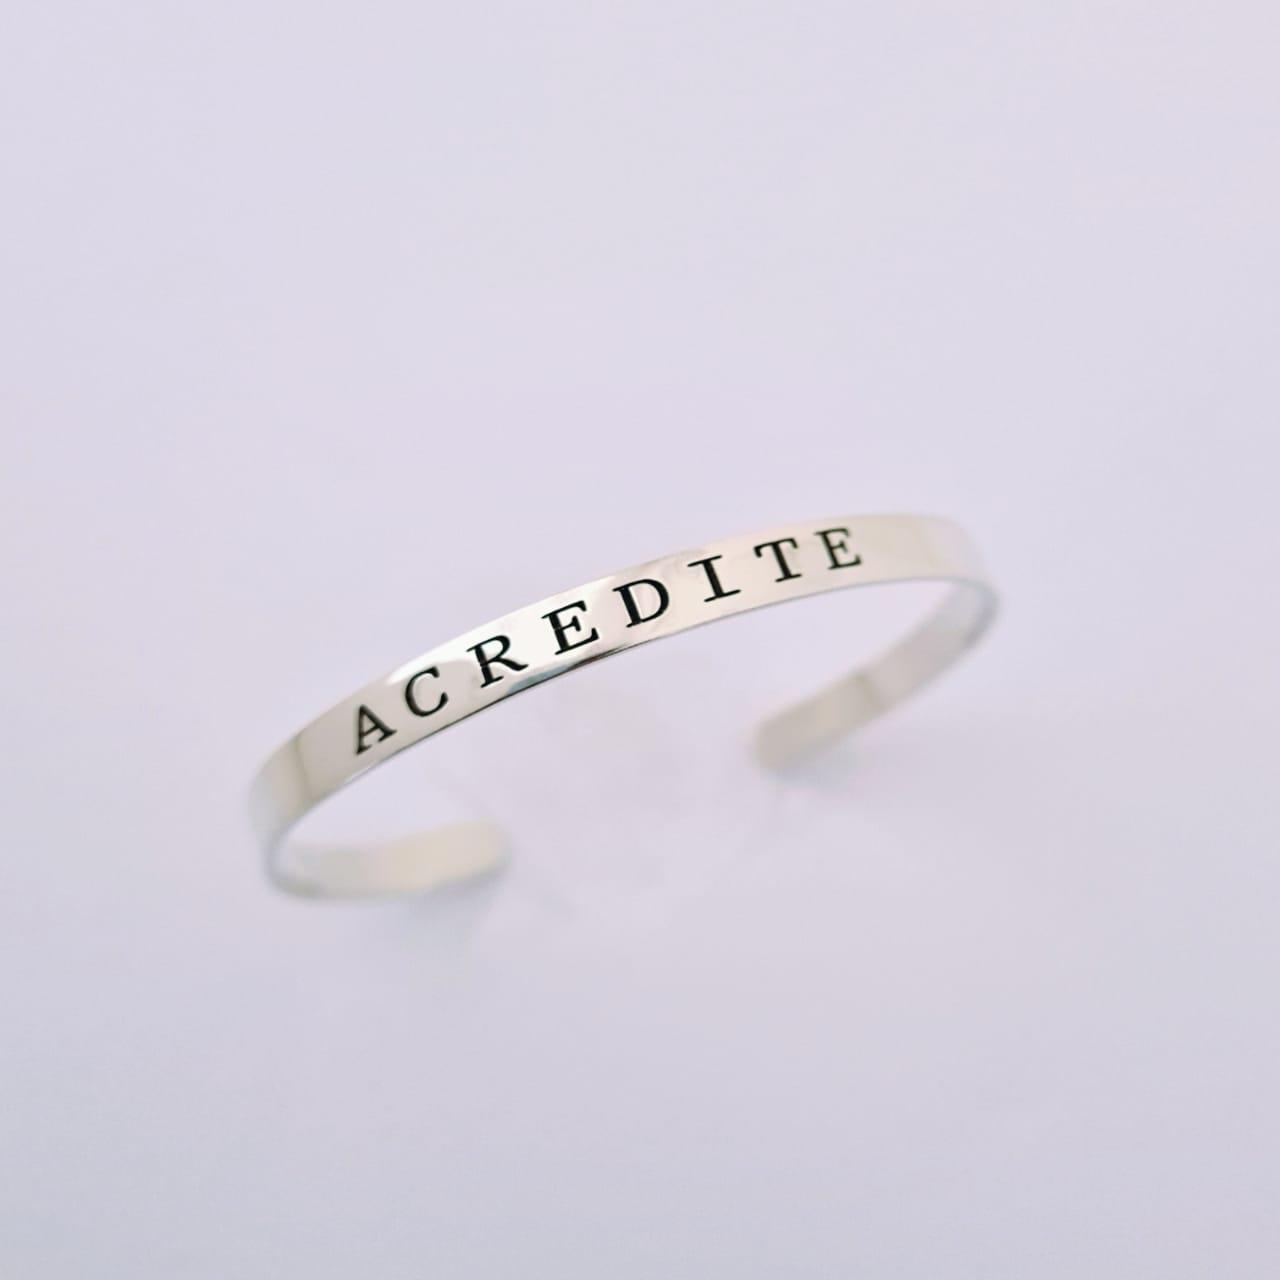 Bracelete de Prata Acredite